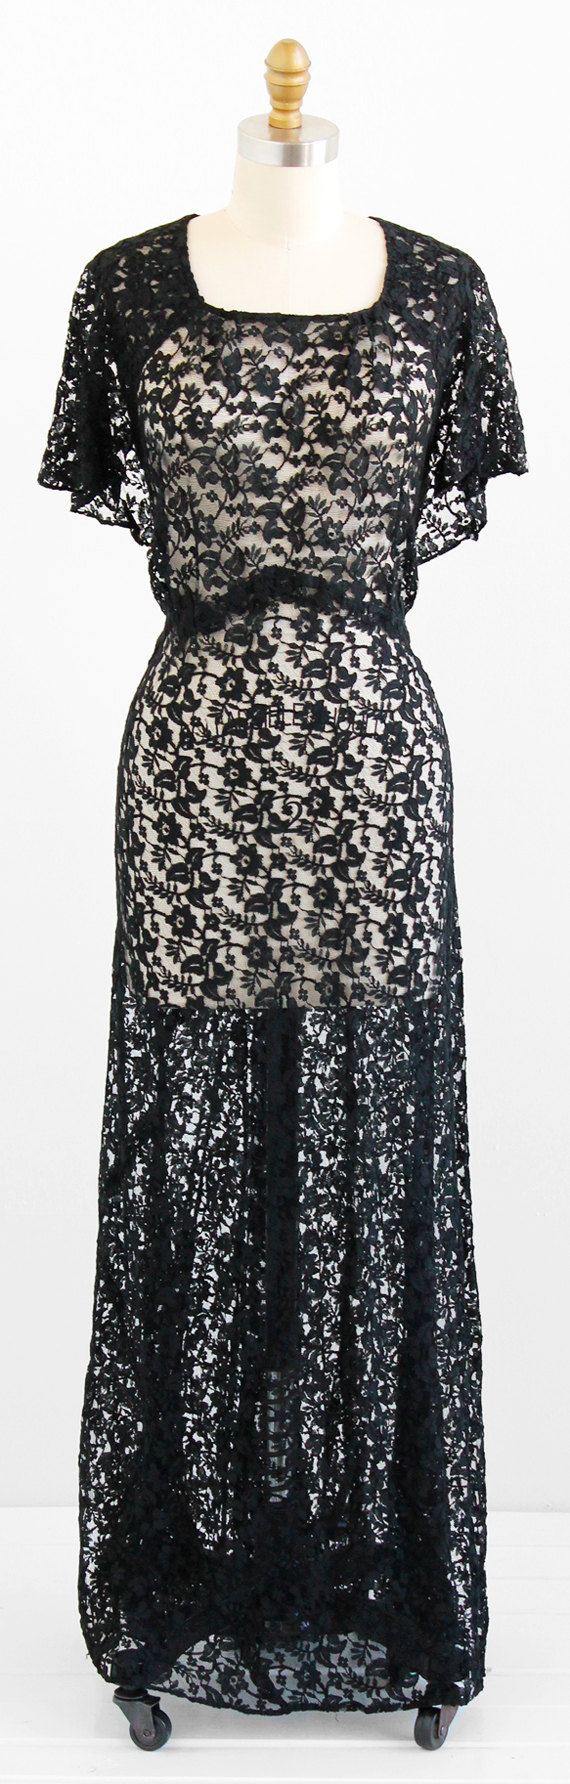 Vintage s dress xl plus size x black lace evening gown with